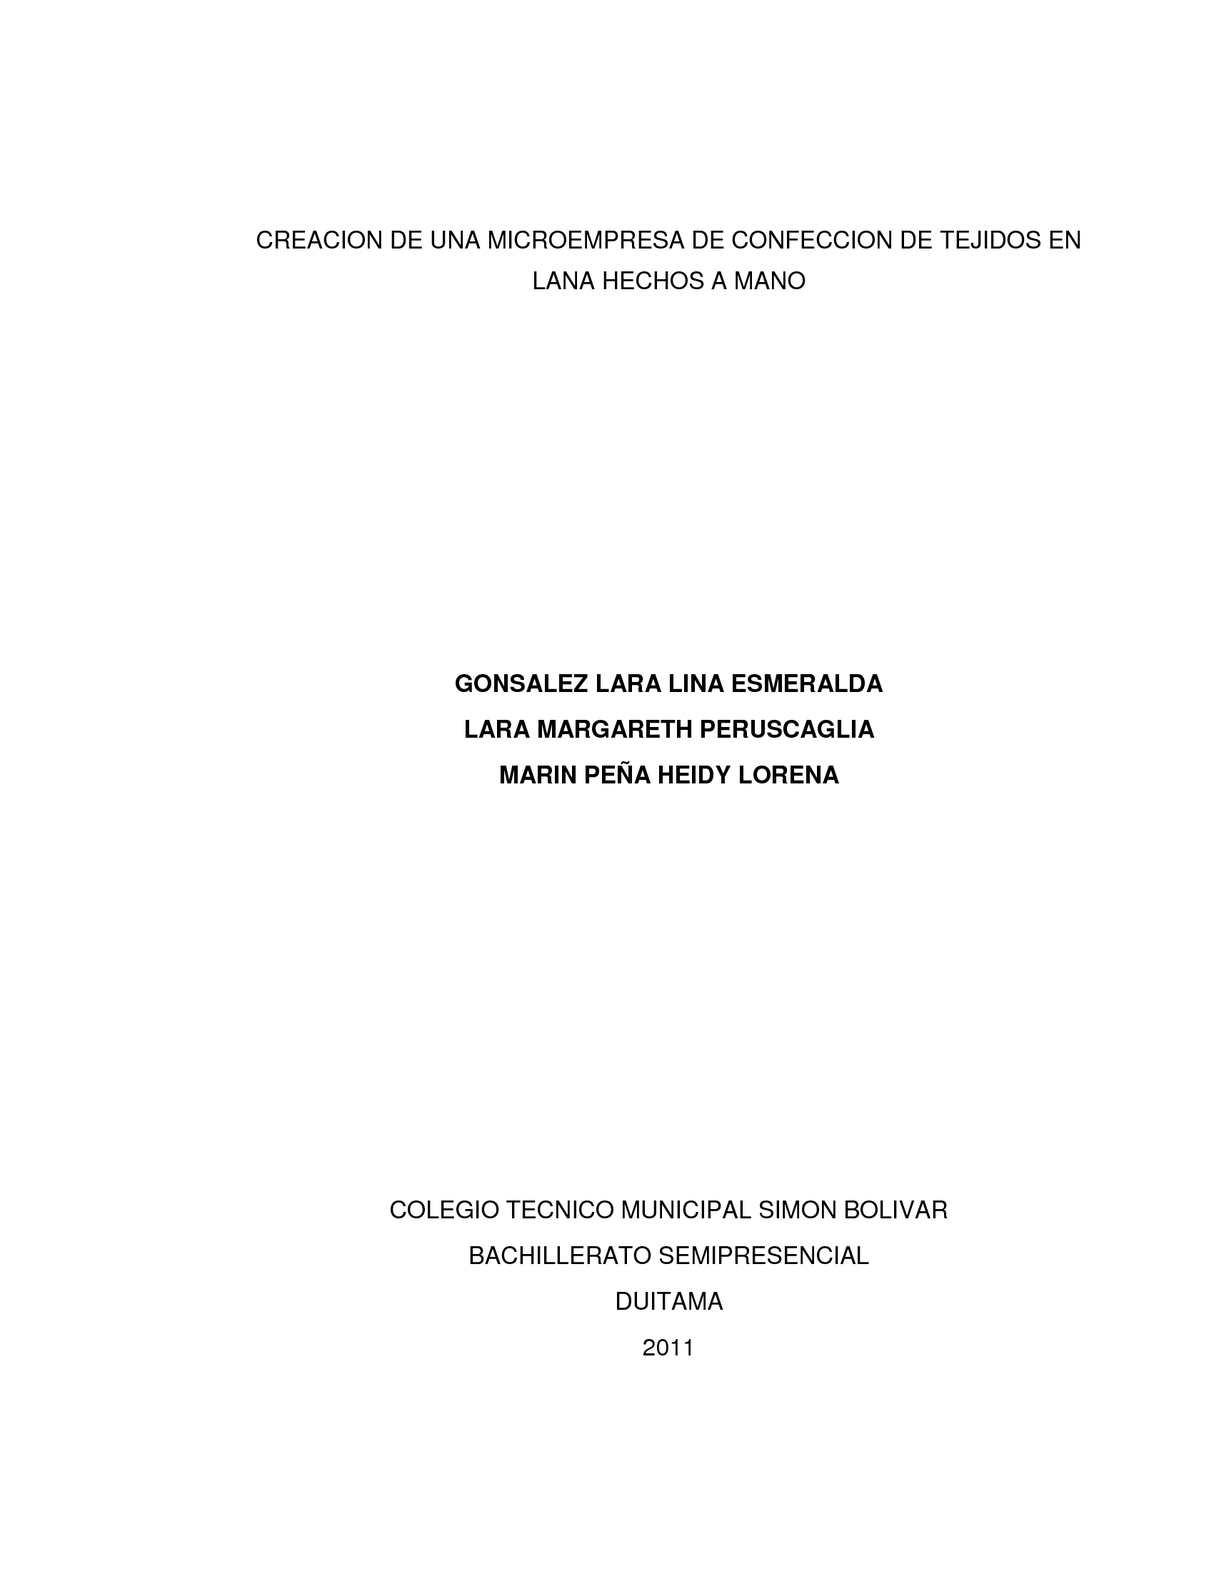 Calaméo - CREACION DE UNA MICROEMPRESA DE CONFECCION DE TEJIDOS EN ...